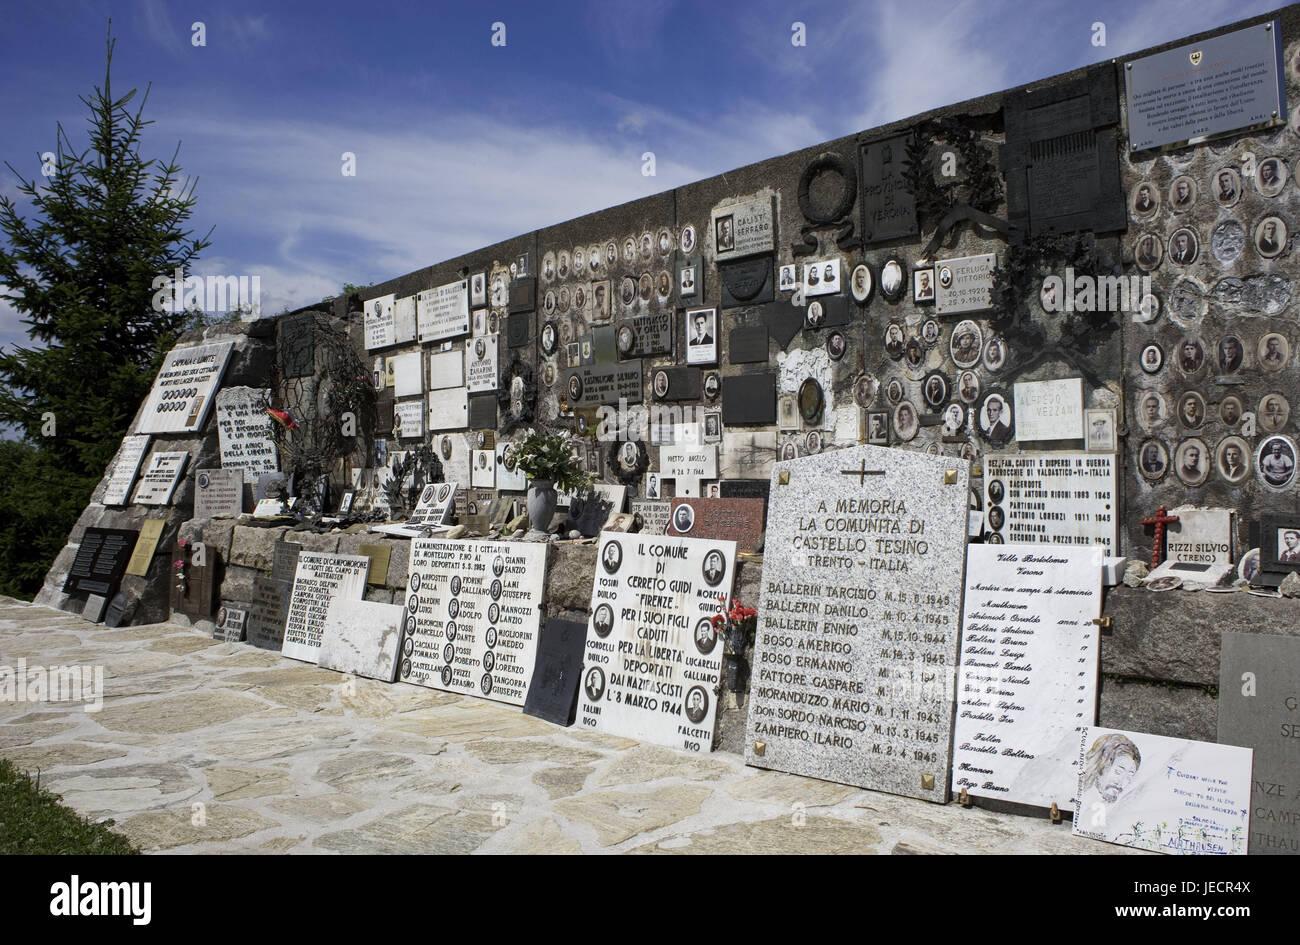 österreich Mauthausen Kz Gedenkstätte Italienische Denkmal